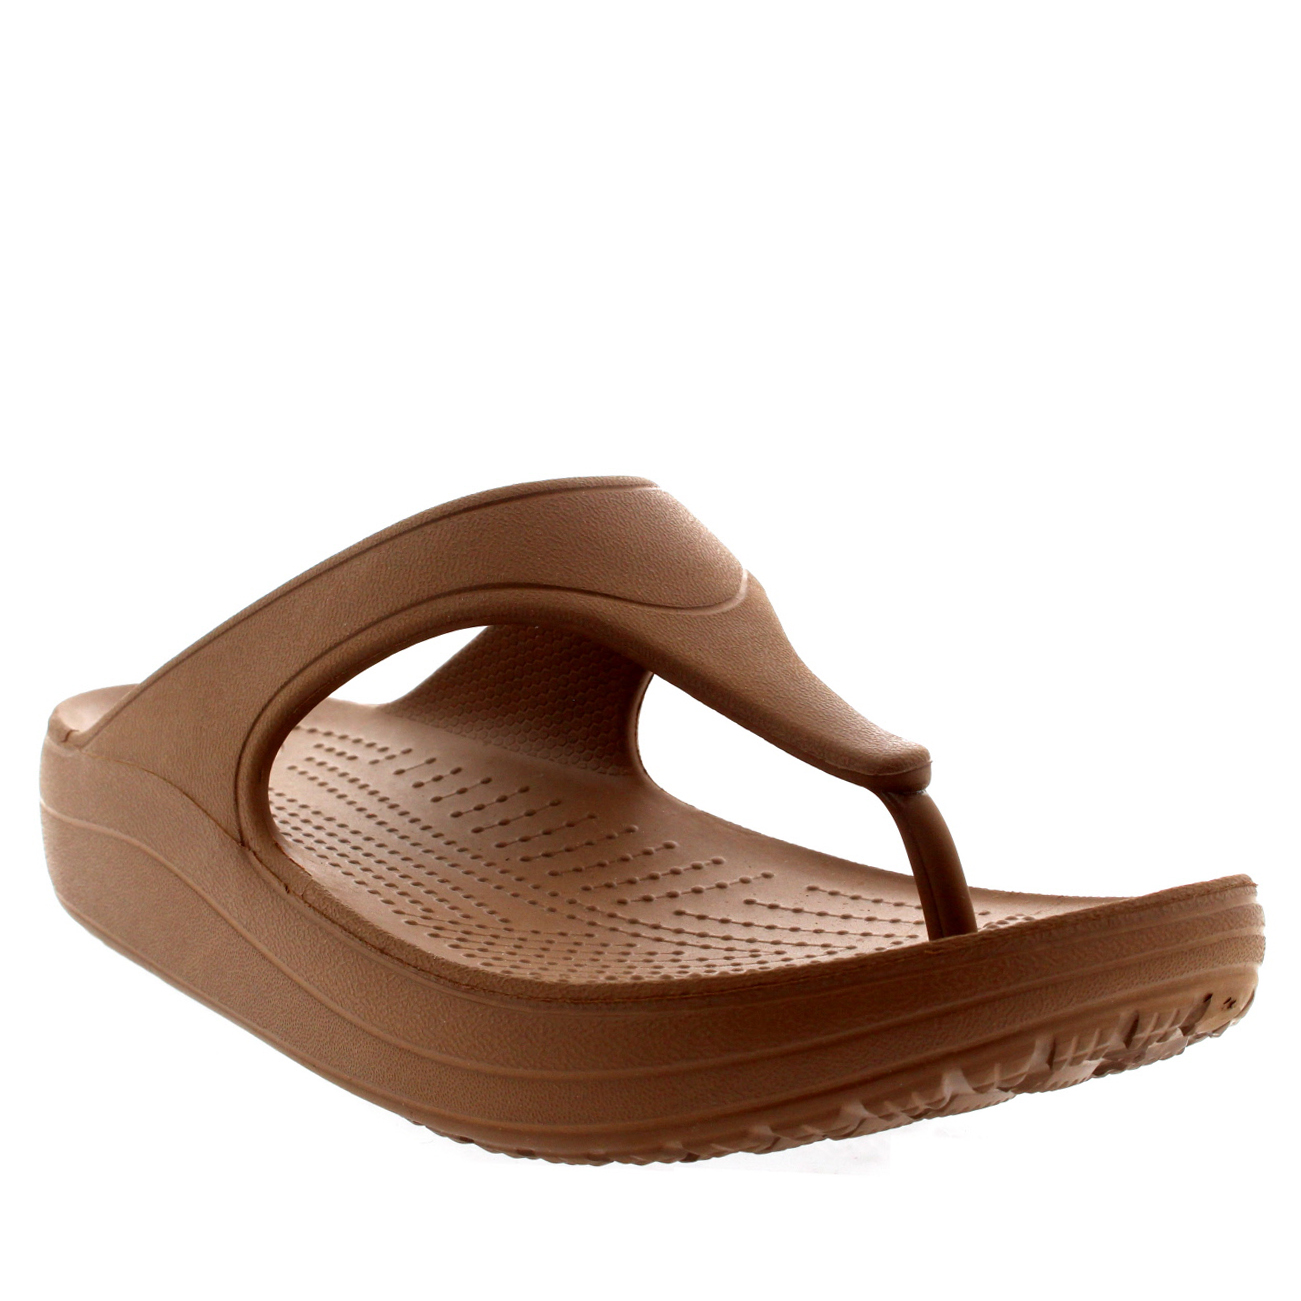 Fantastic Boots Shoes Trainers Flip Flops Sandals Wellington Boots School Shoes